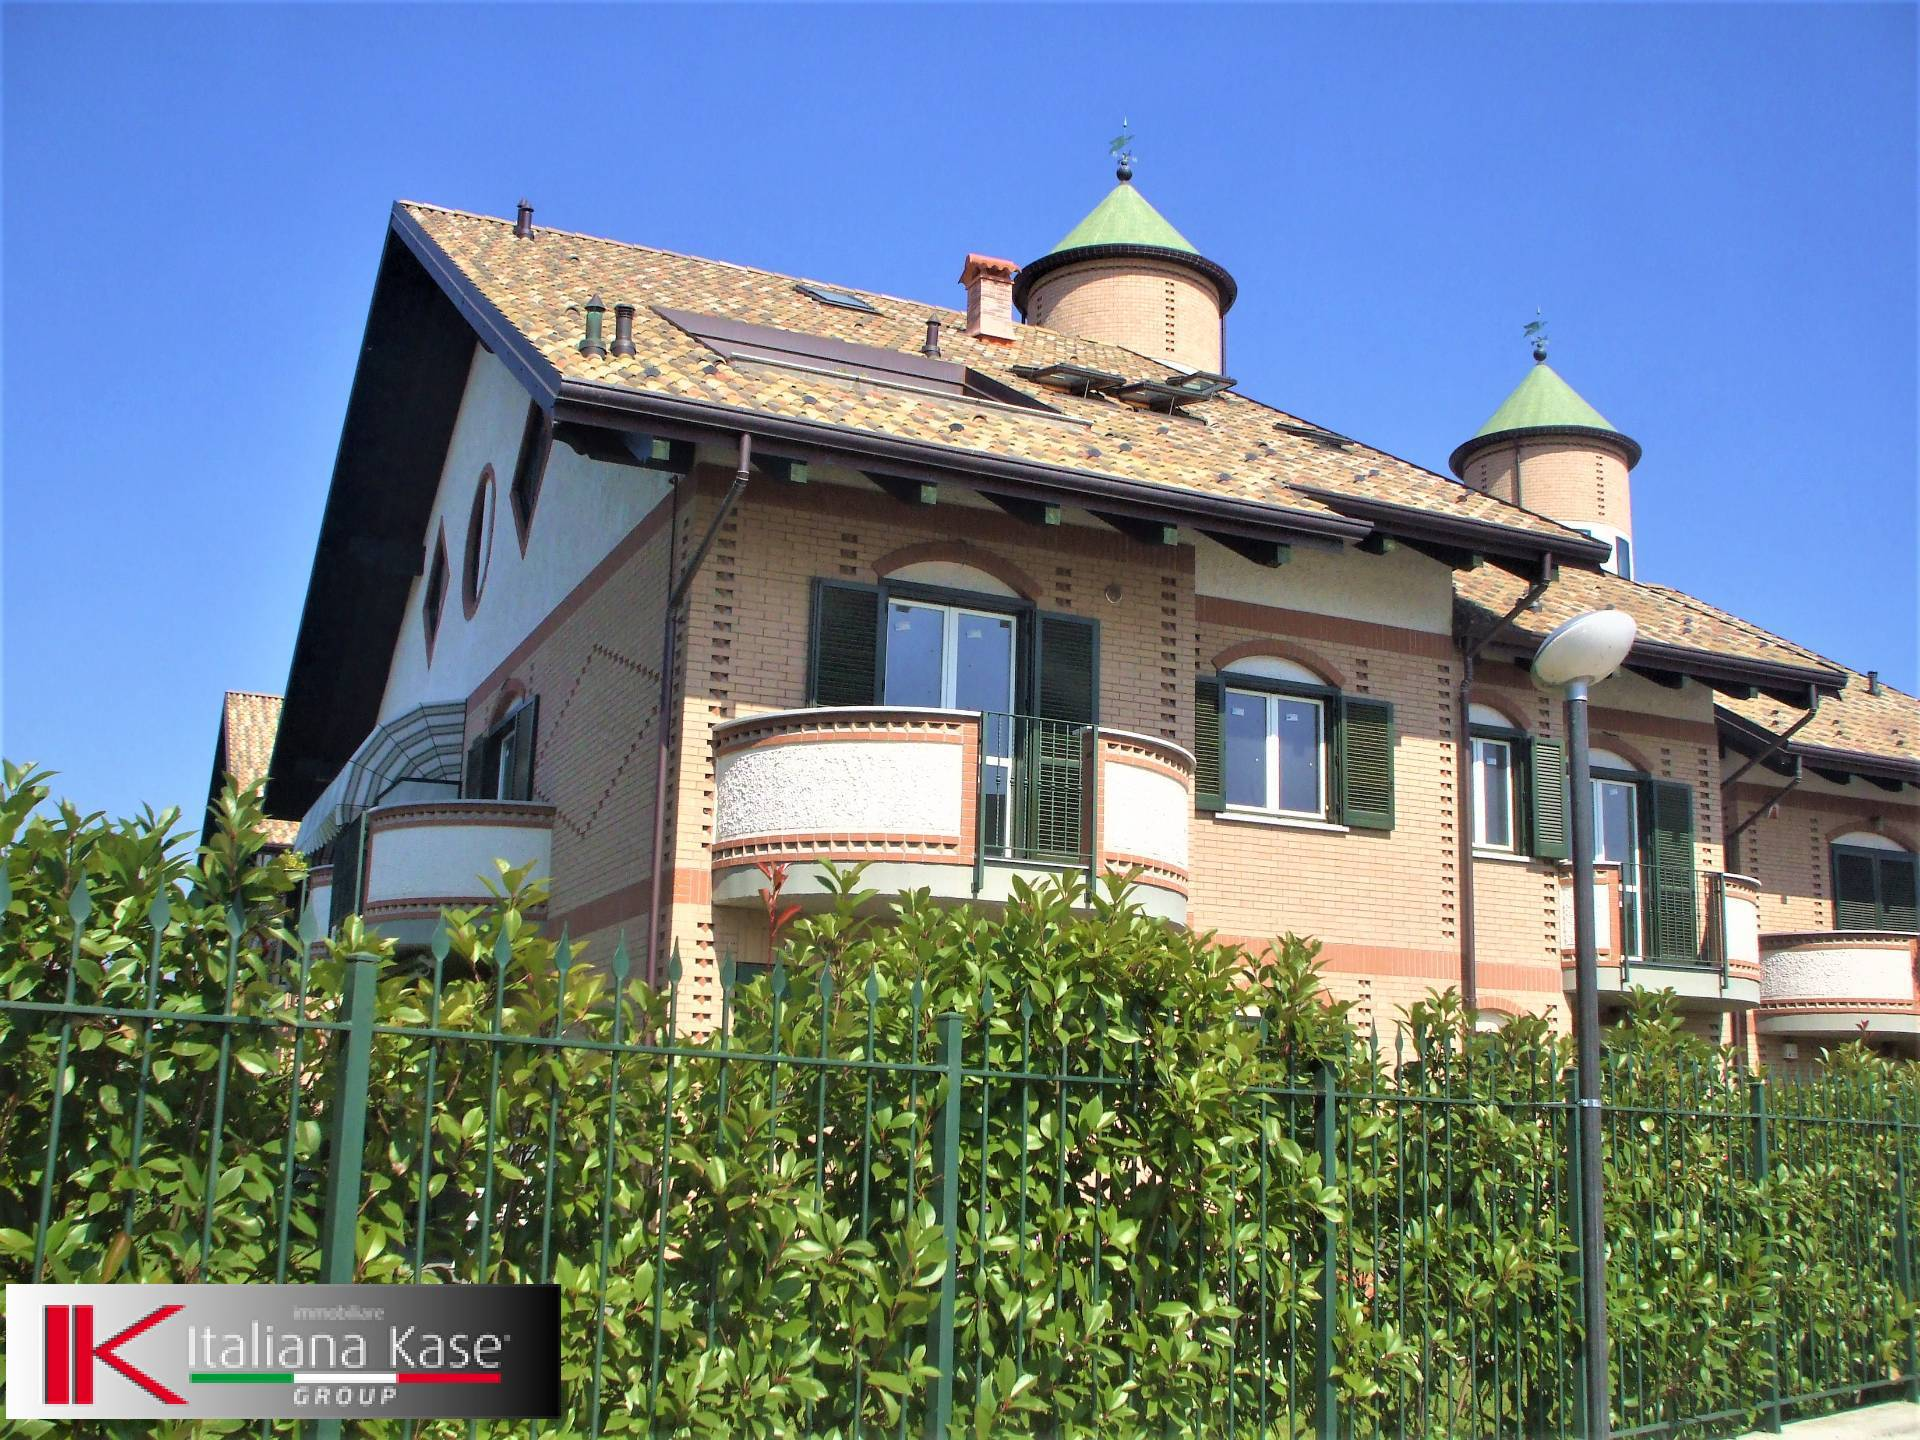 Appartamento in vendita a Castiglione Torinese, 4 locali, zona Località: Centro, prezzo € 140.000 | CambioCasa.it